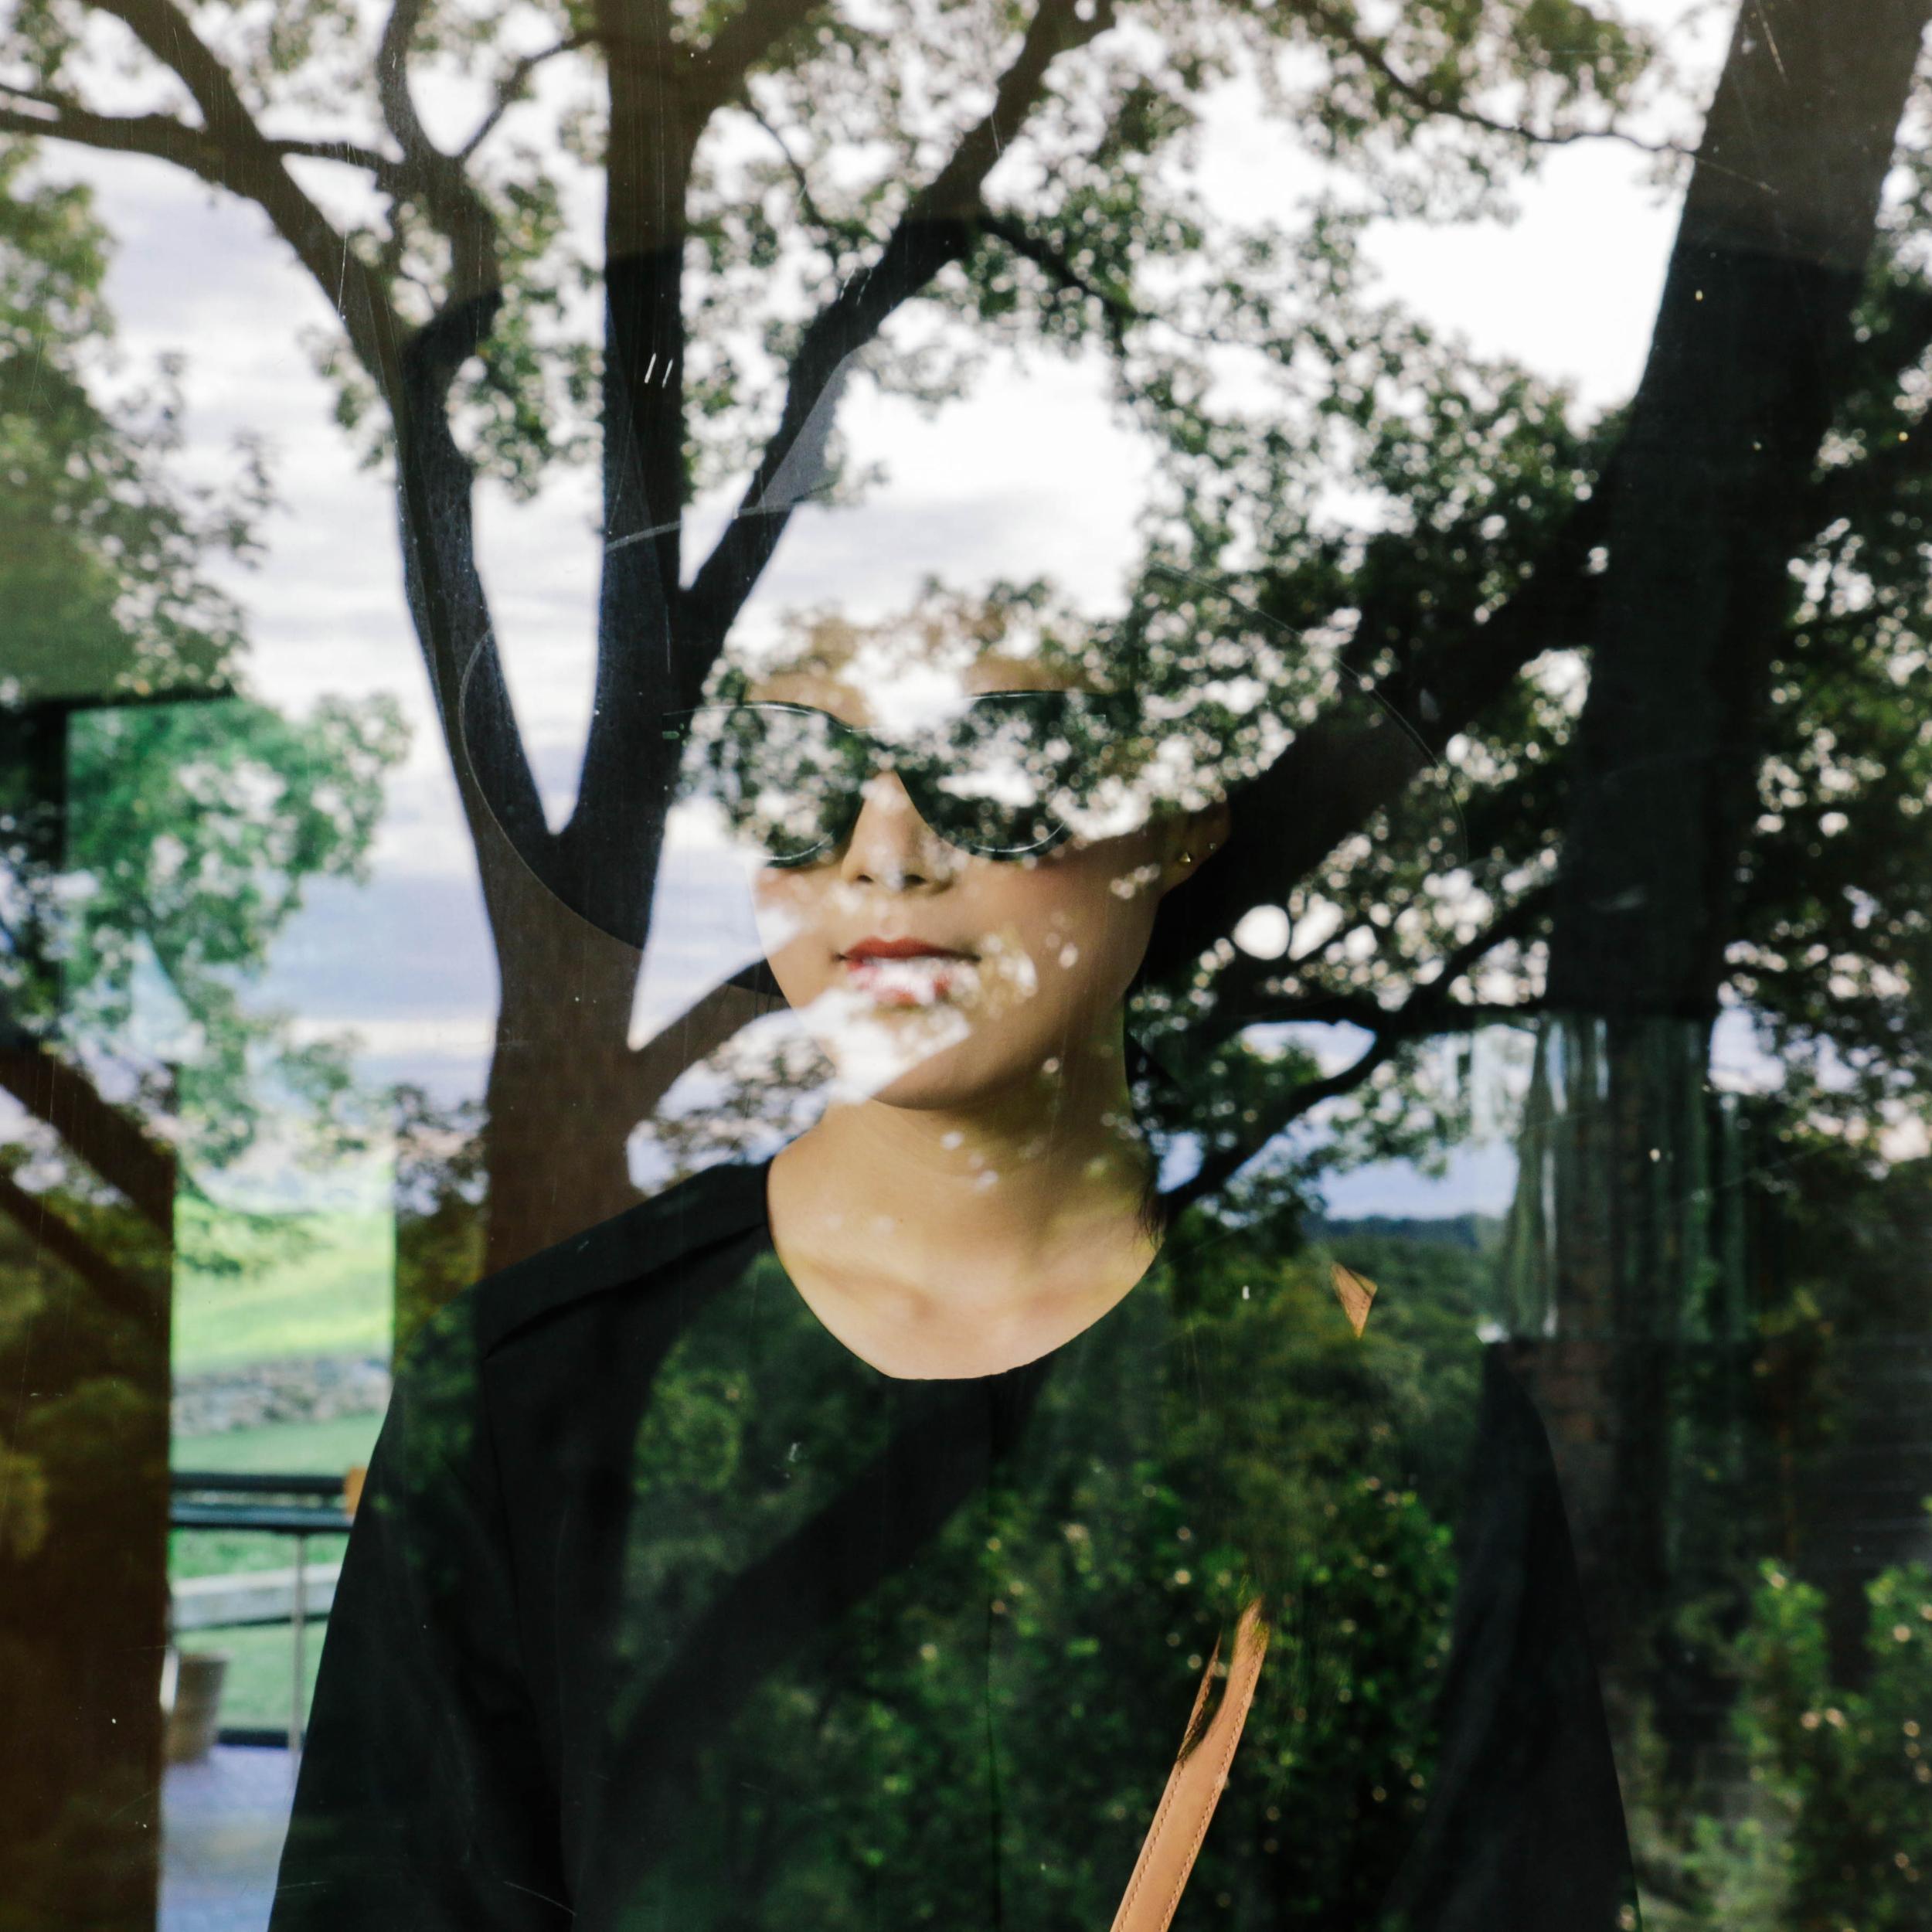 glasshouse-reflection